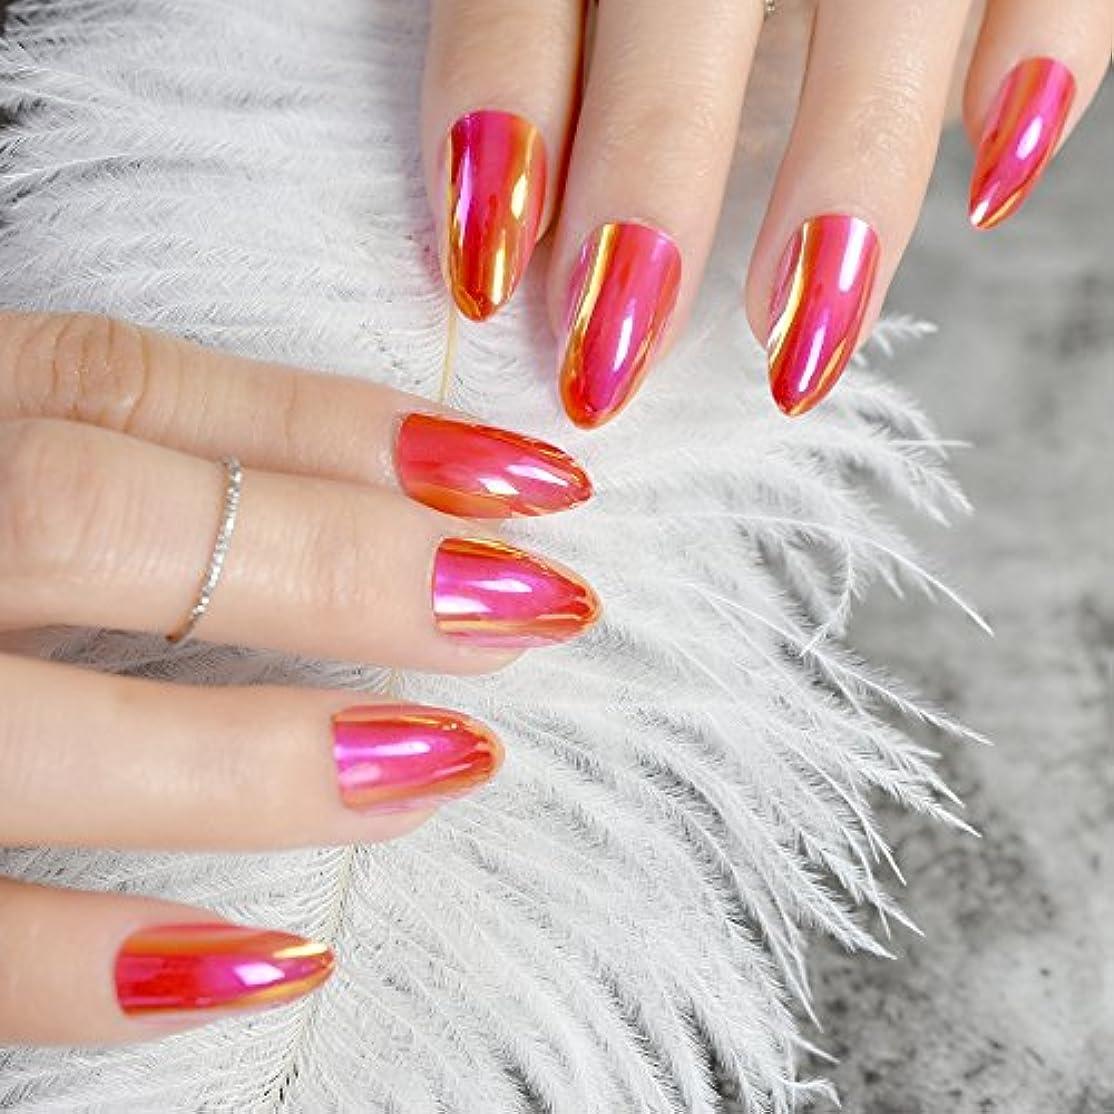 彼らは悪性歯XUTXZKA 女性の指のための爪のマニキュアのヒントにブラックカバーネイルシルバーメタリックライン装飾短押し